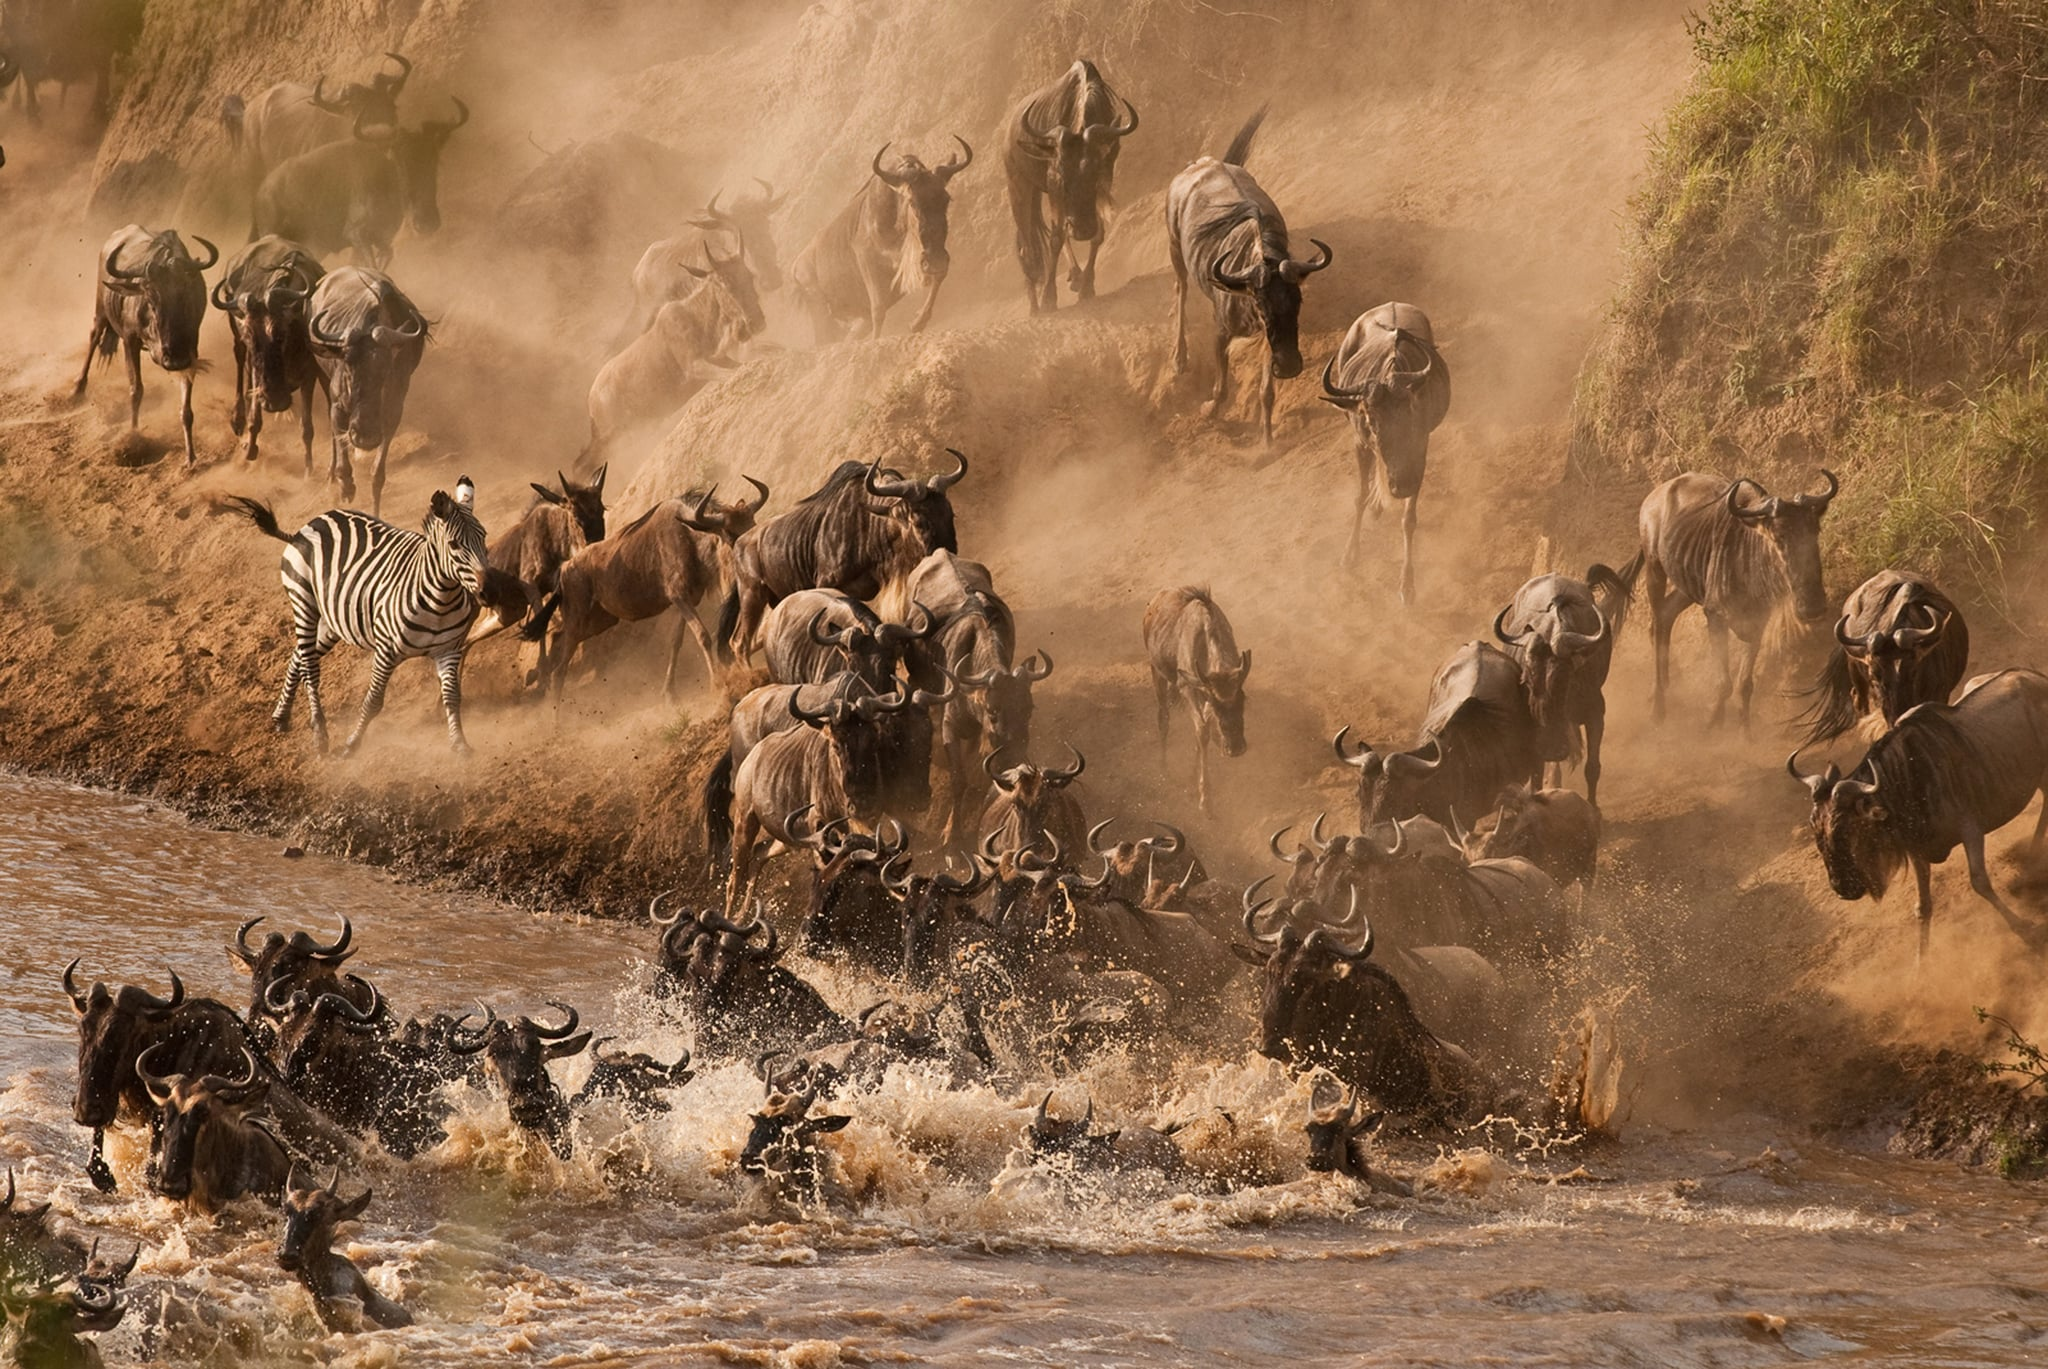 See the Wildebeest Crossing the Mara River in Kenya